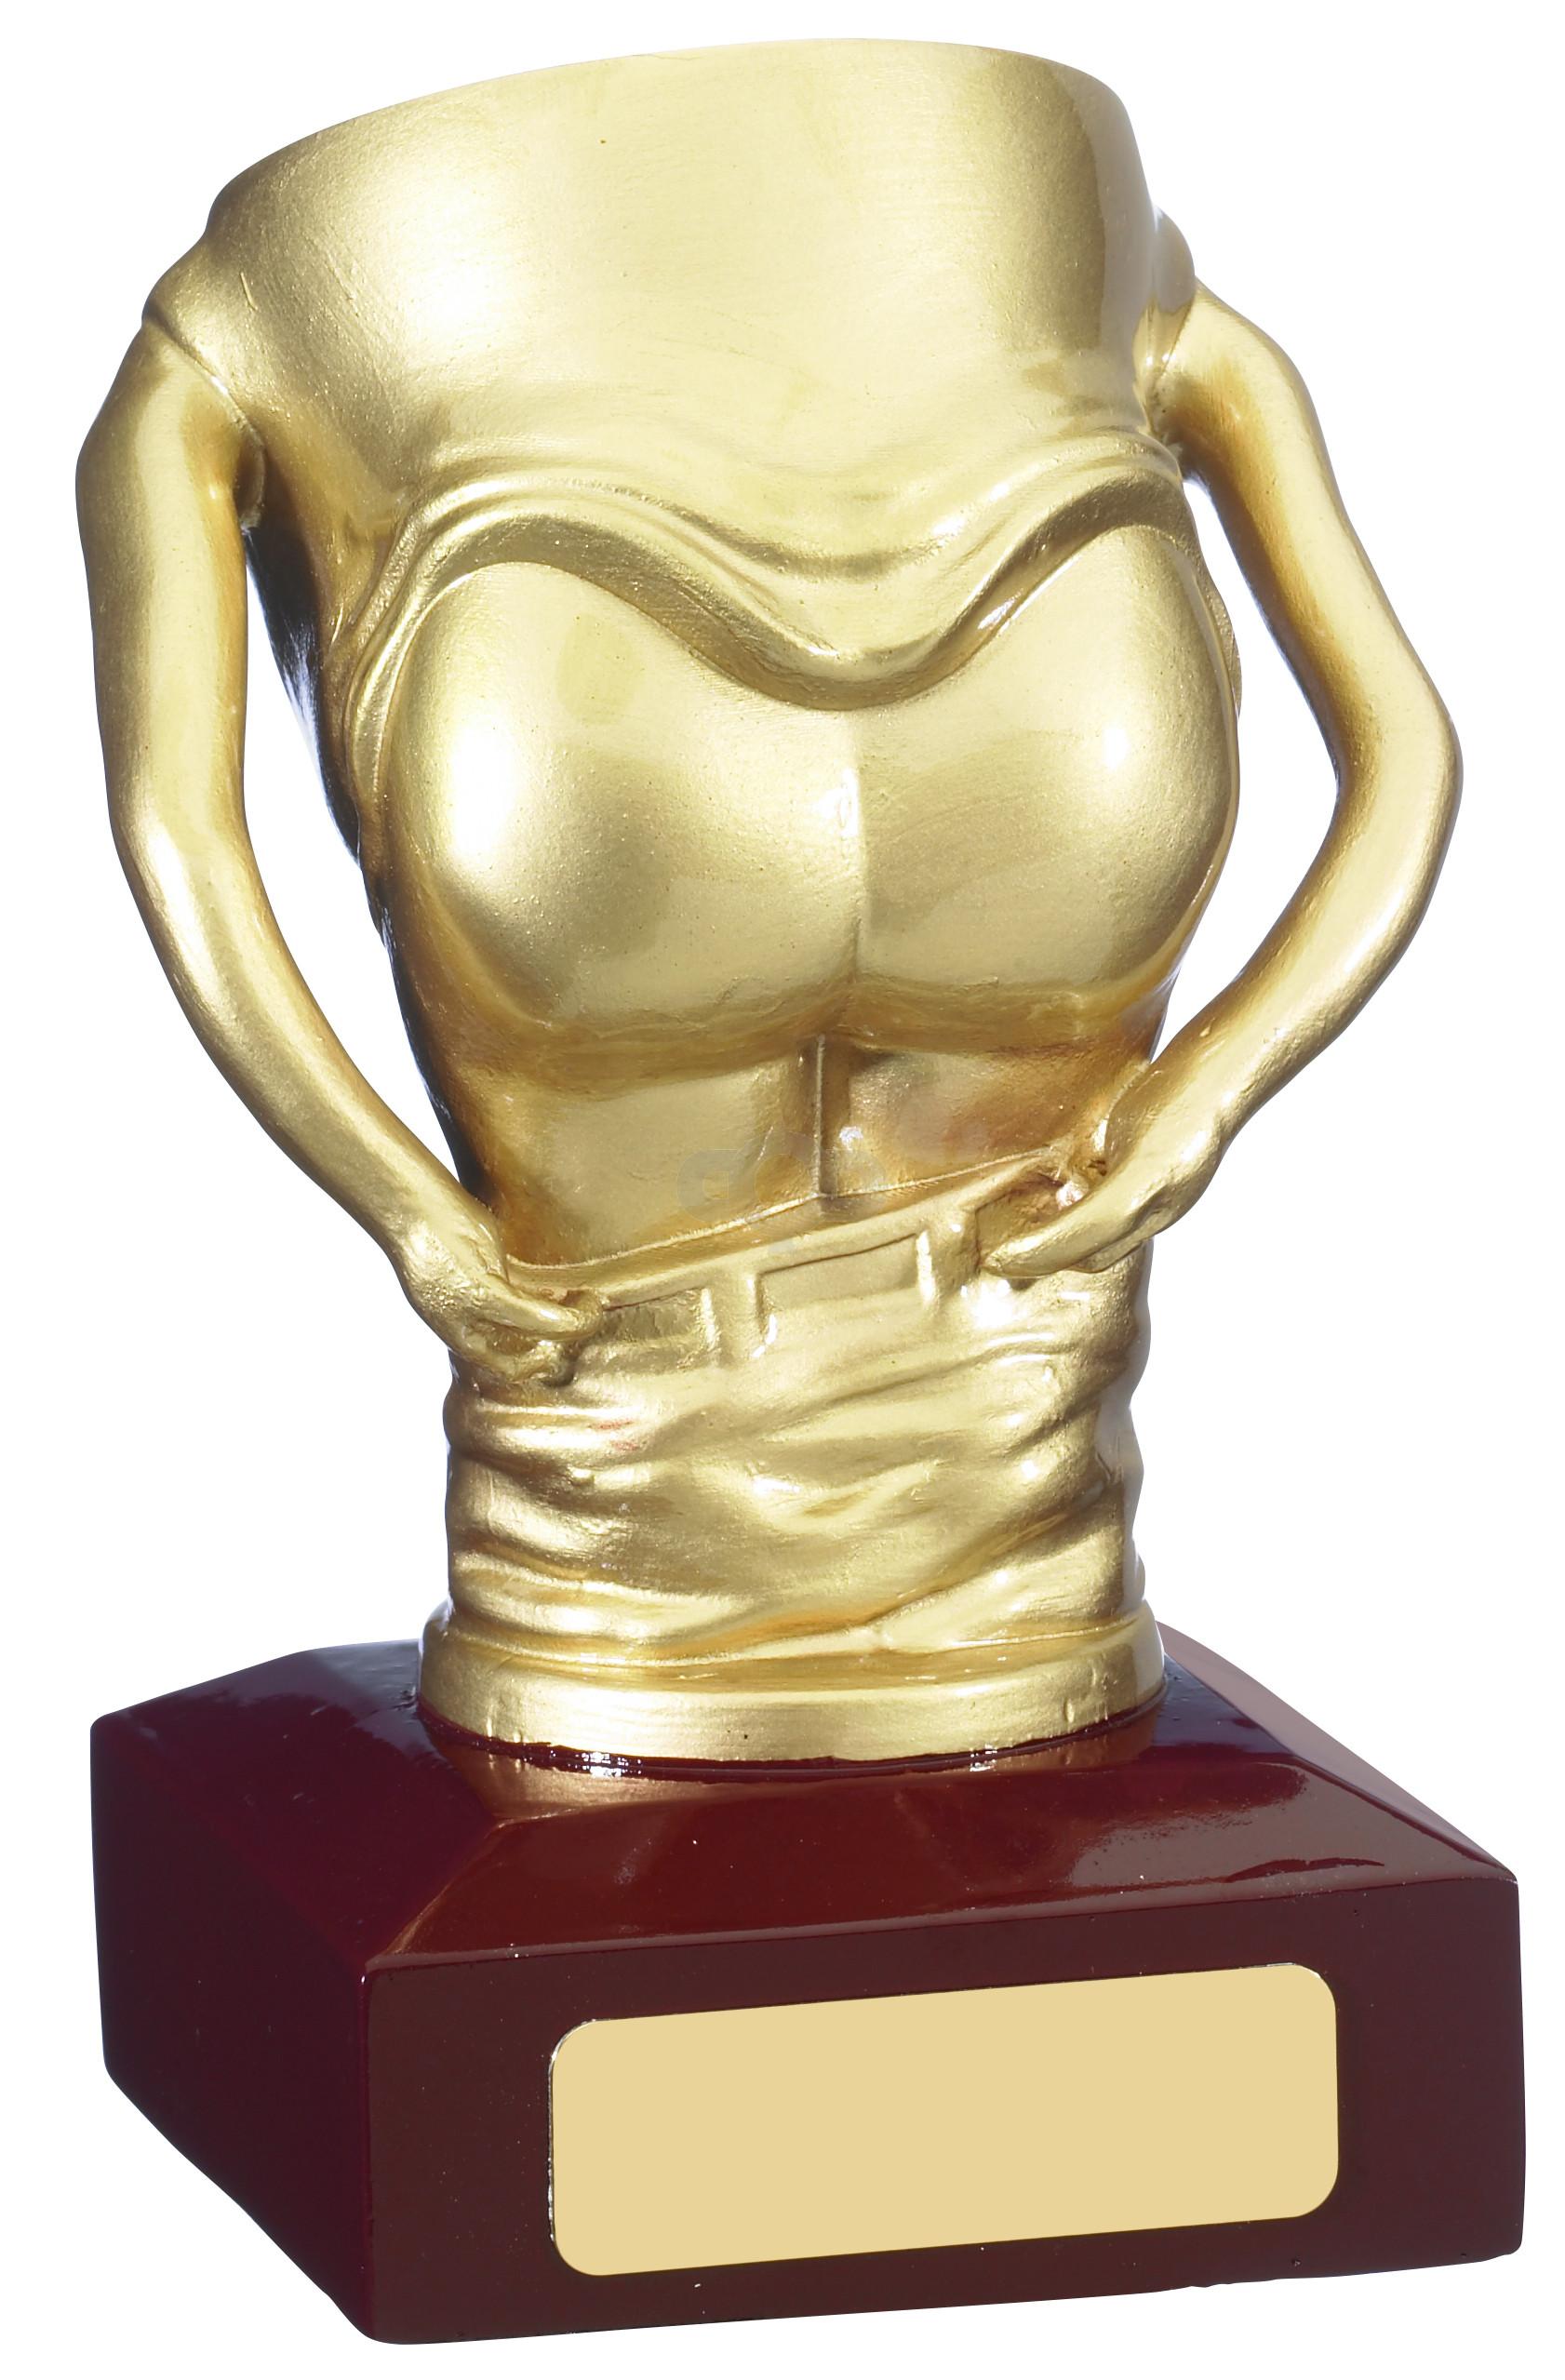 Mooning Award